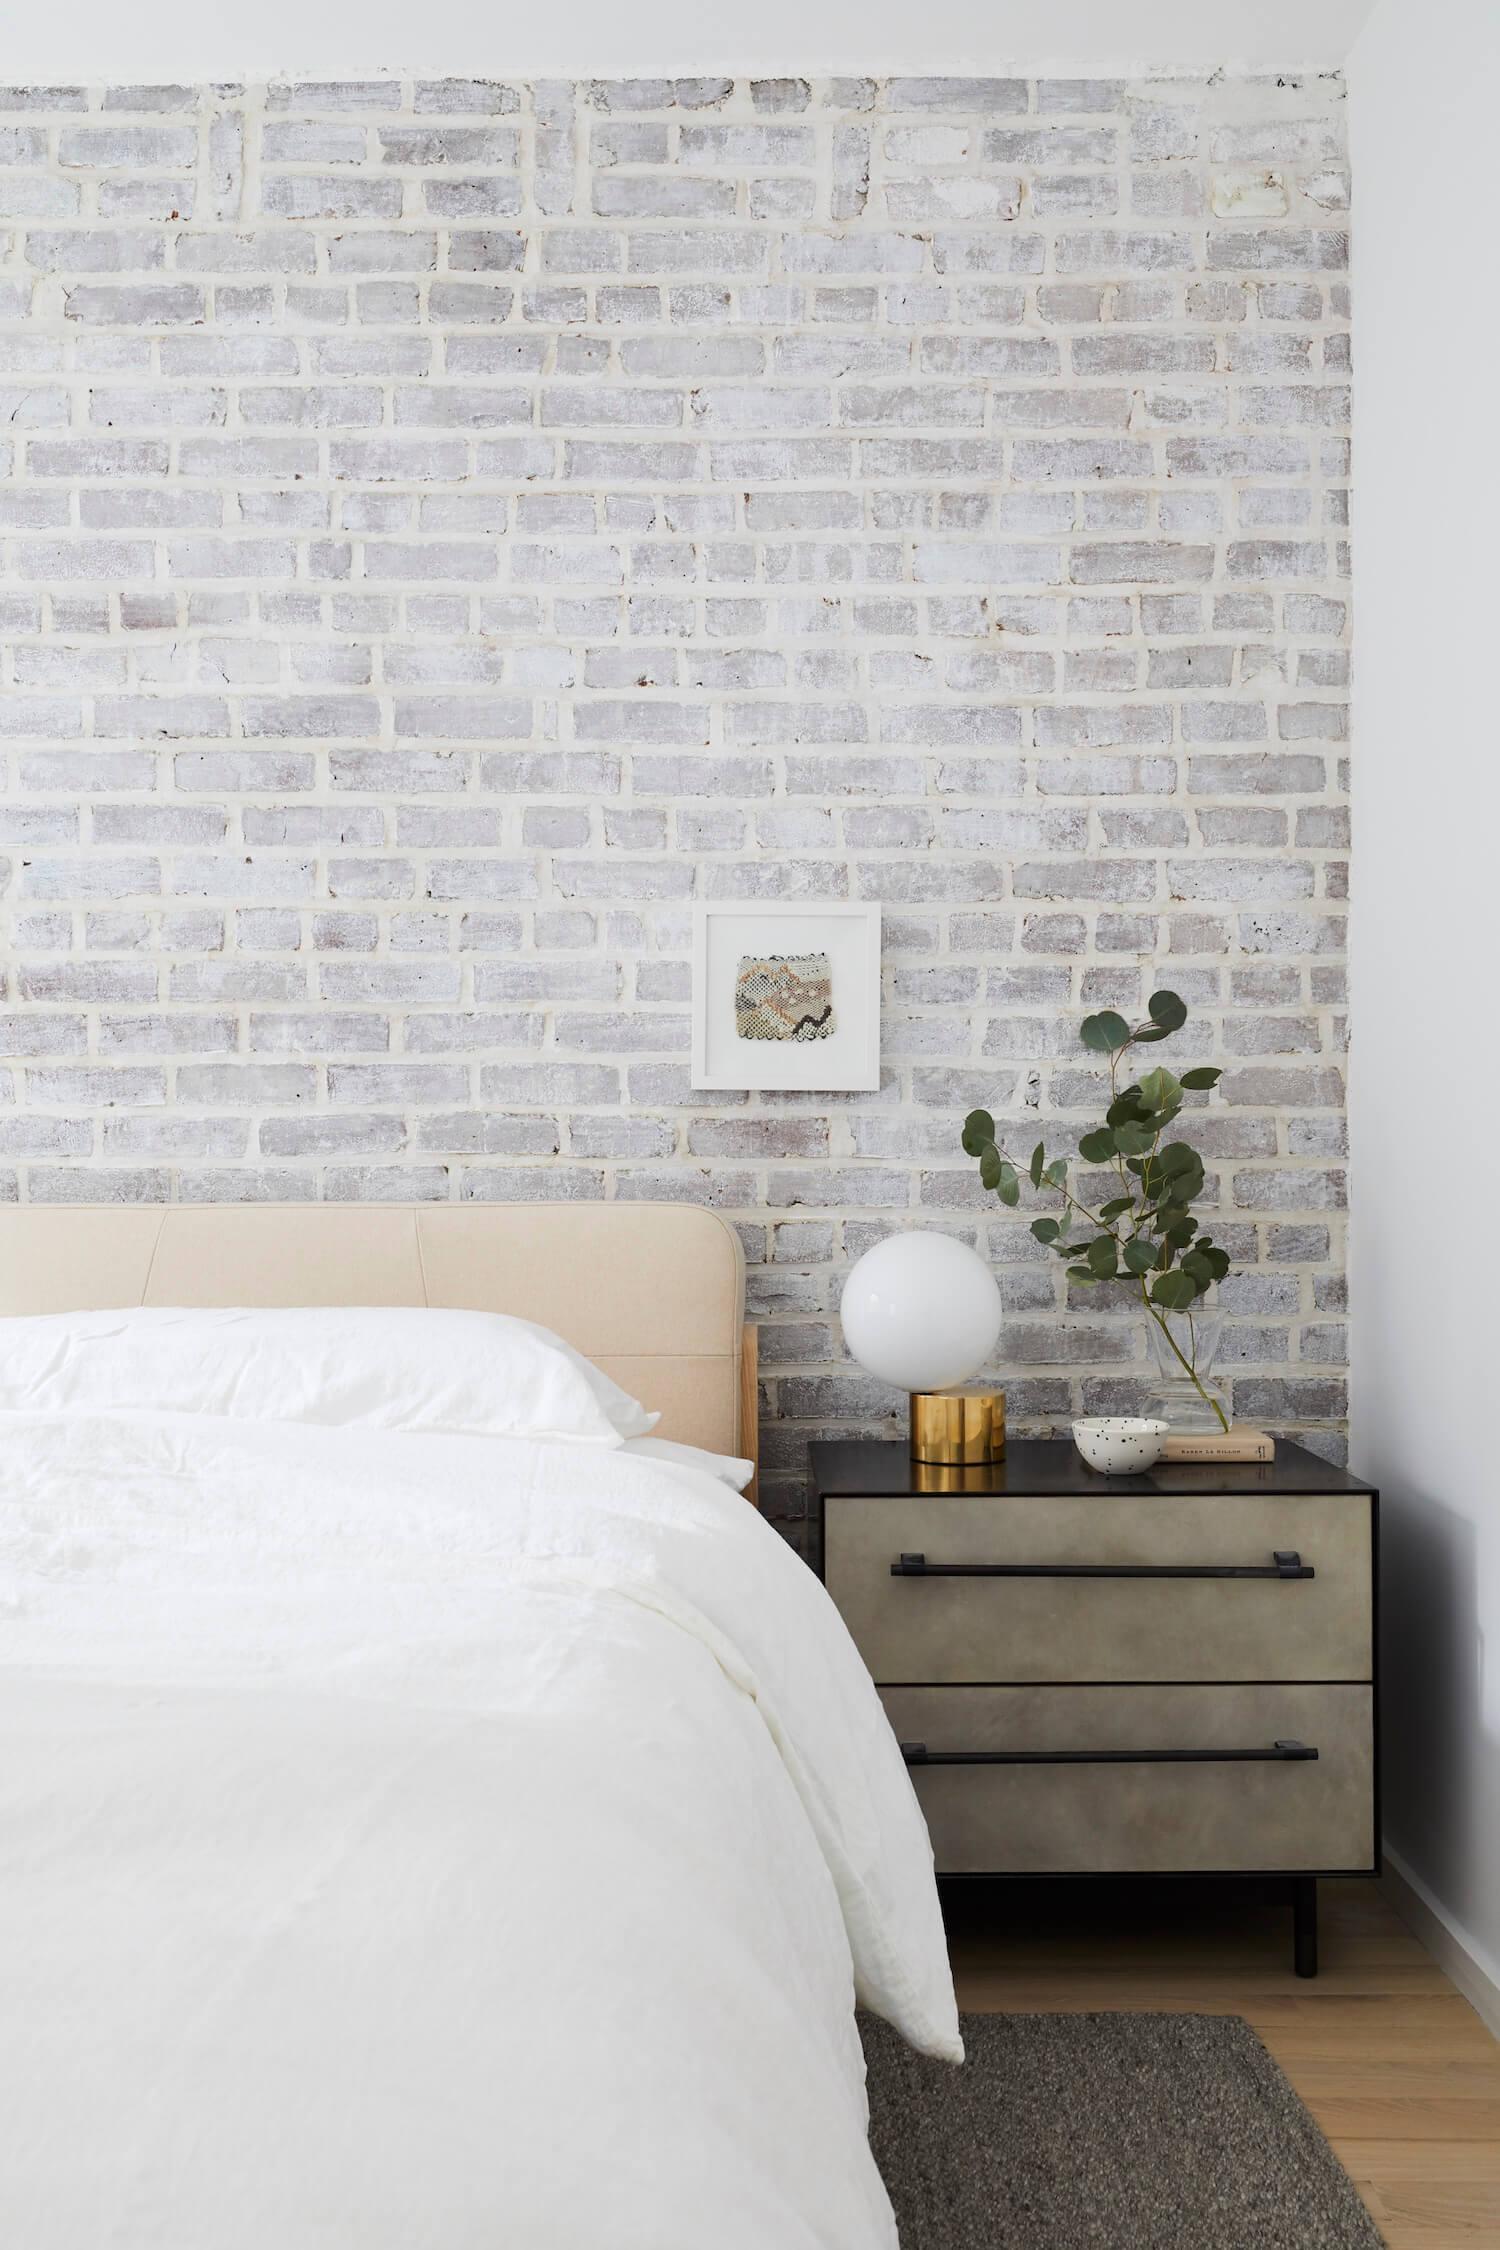 est living interior design sheep and stone 8